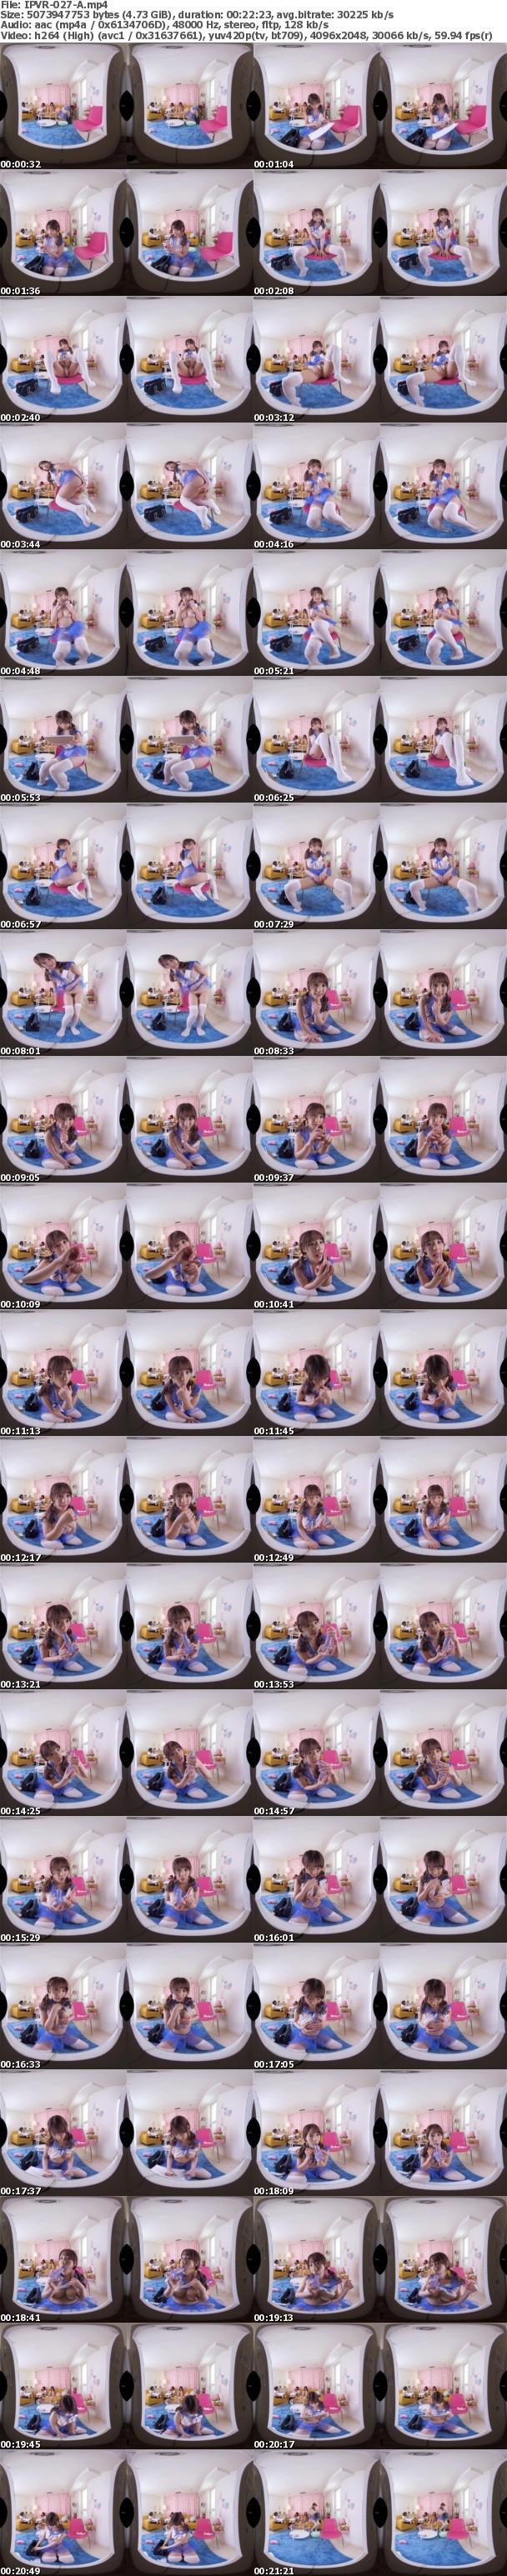 (VR) IPVR-027 ハイクオリティー 3D VR 「ギュッてして」ノーパンノーブラ透けコス 神対応アイドルリフレ 2Dで爆売れ作品が遂に3DVR化! 桃乃木かな